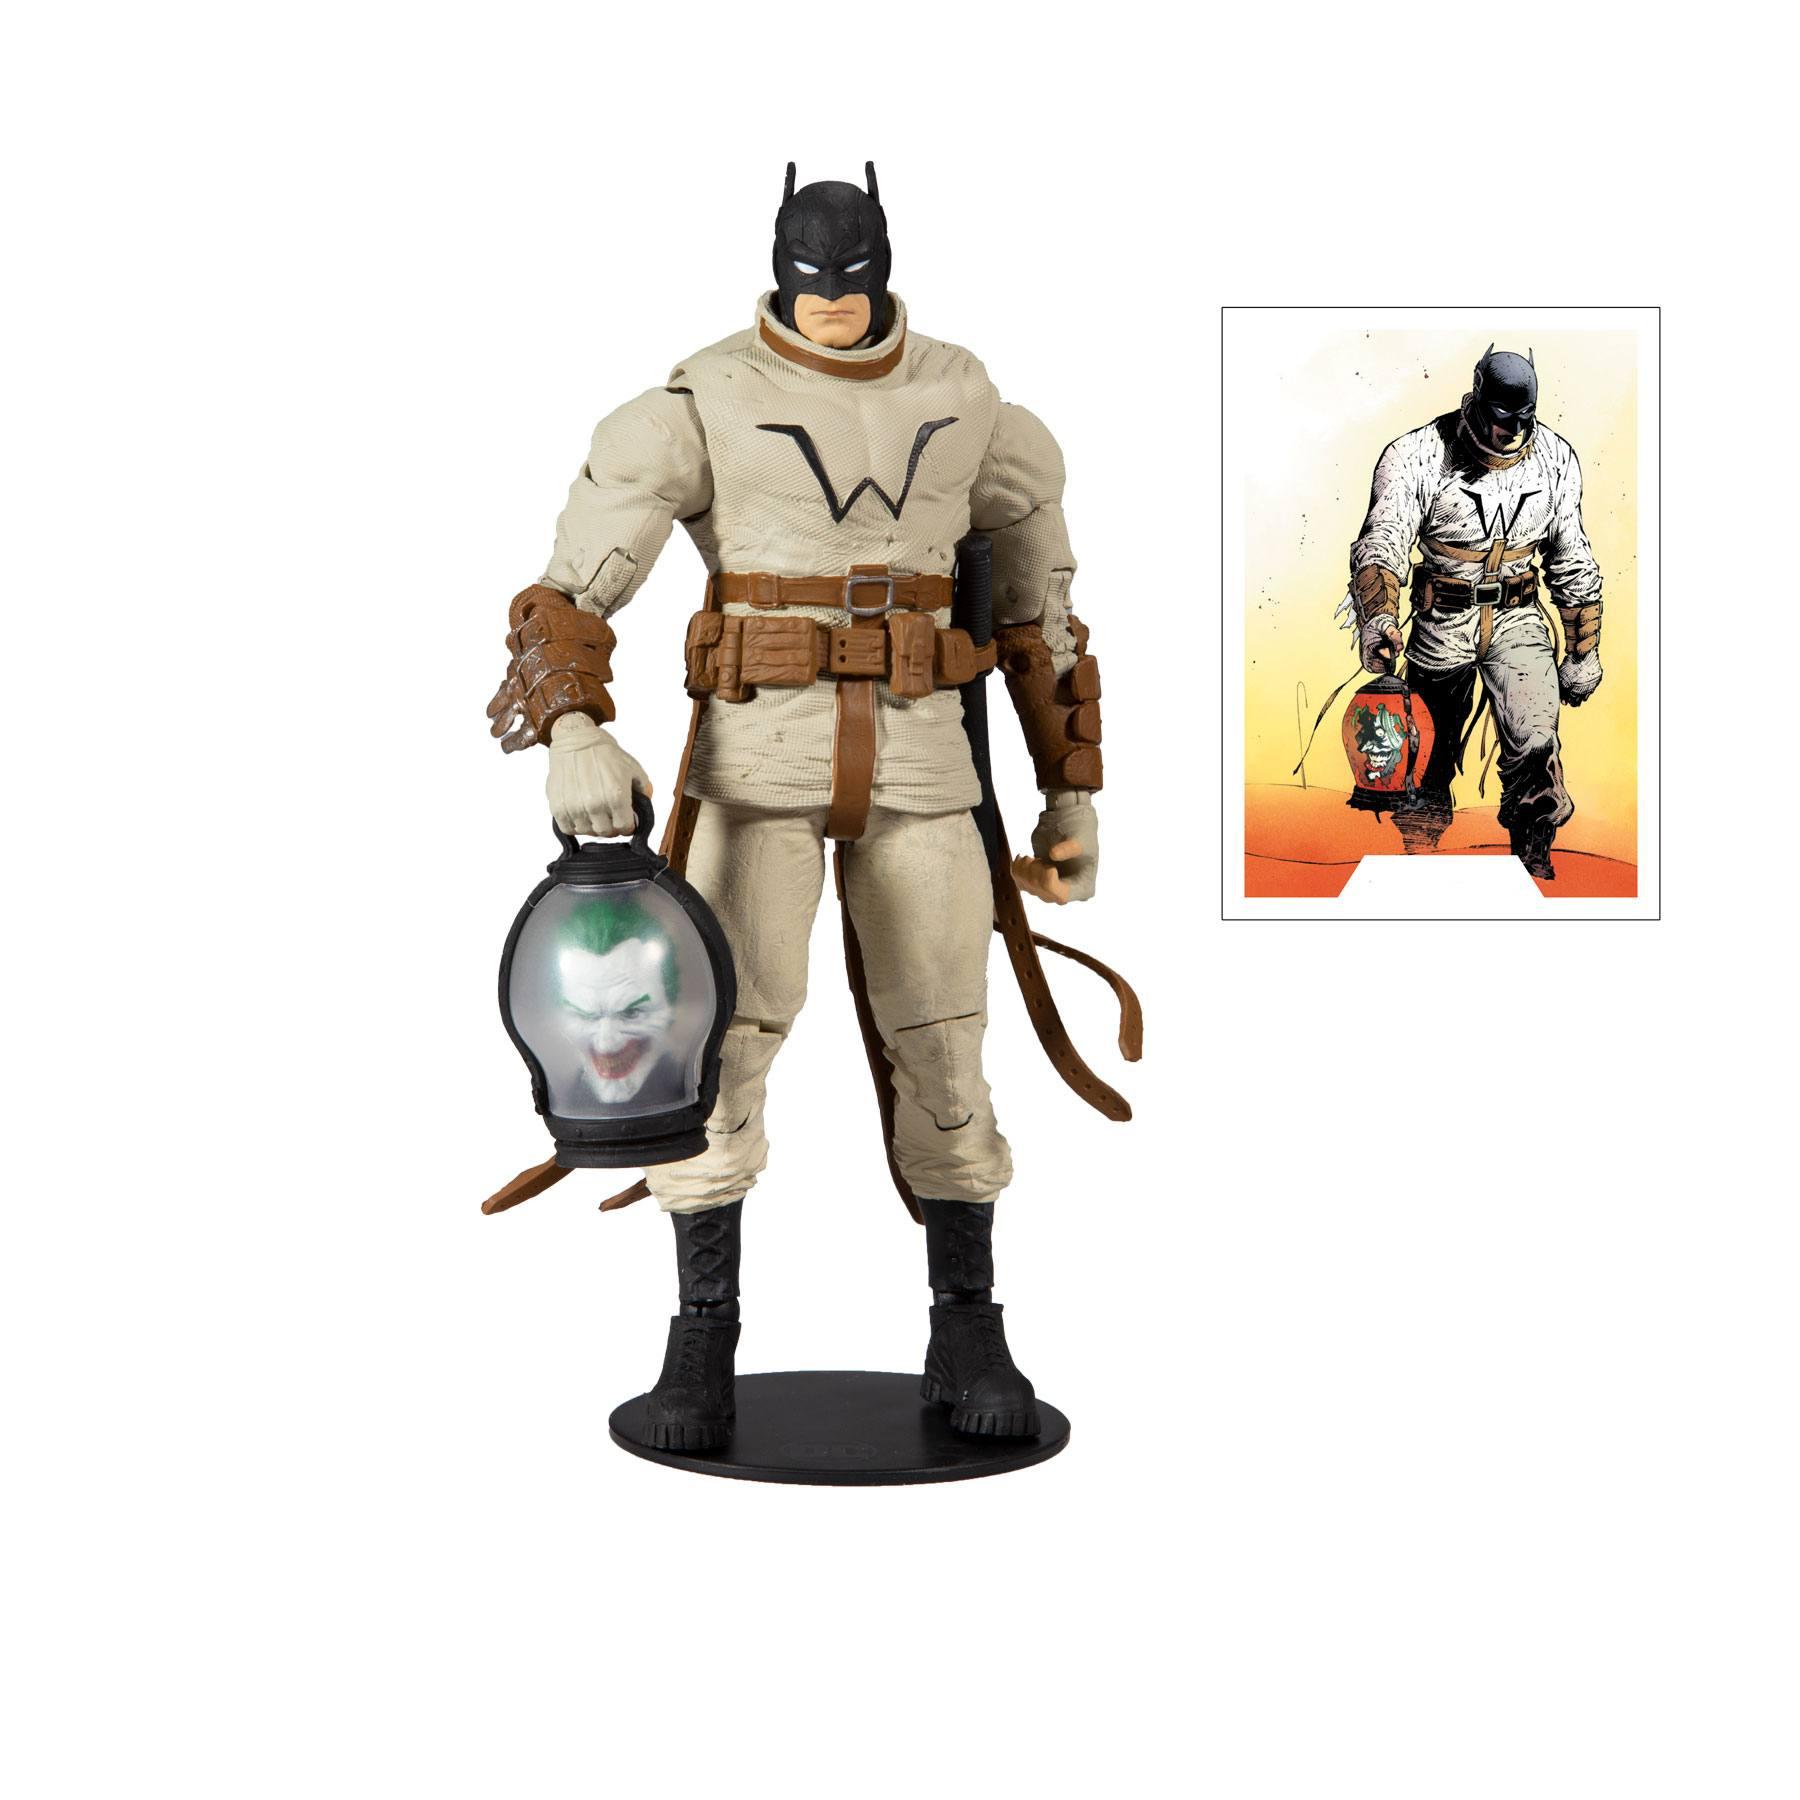 DC Multiverse: BATMAN (Last Knight on Earth) BAF by McFarlane Toys